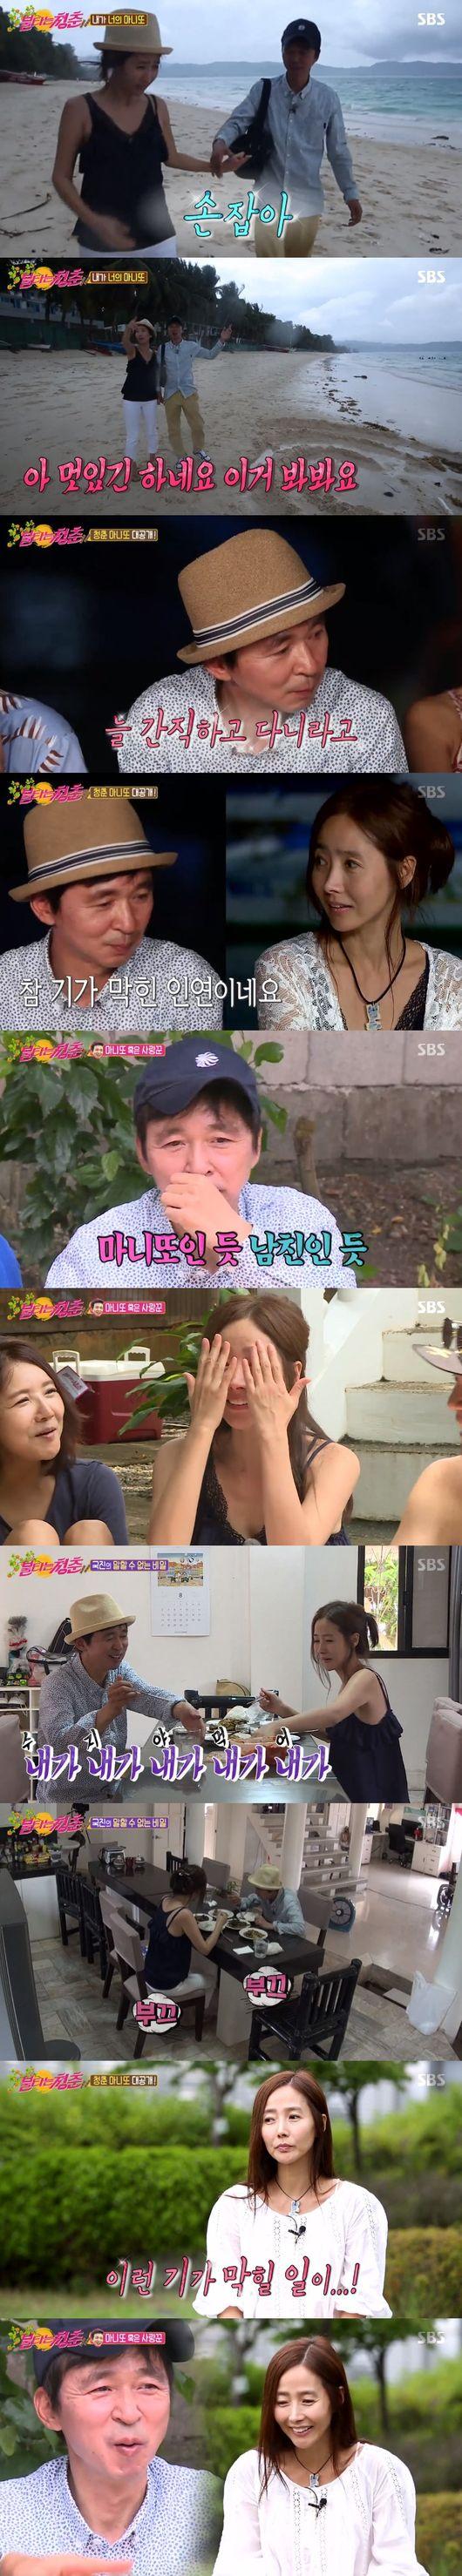 """[TV톡톡] """"우린 운명""""..'불청' 김국진♥강수지, 사랑은 마니또를 타고"""